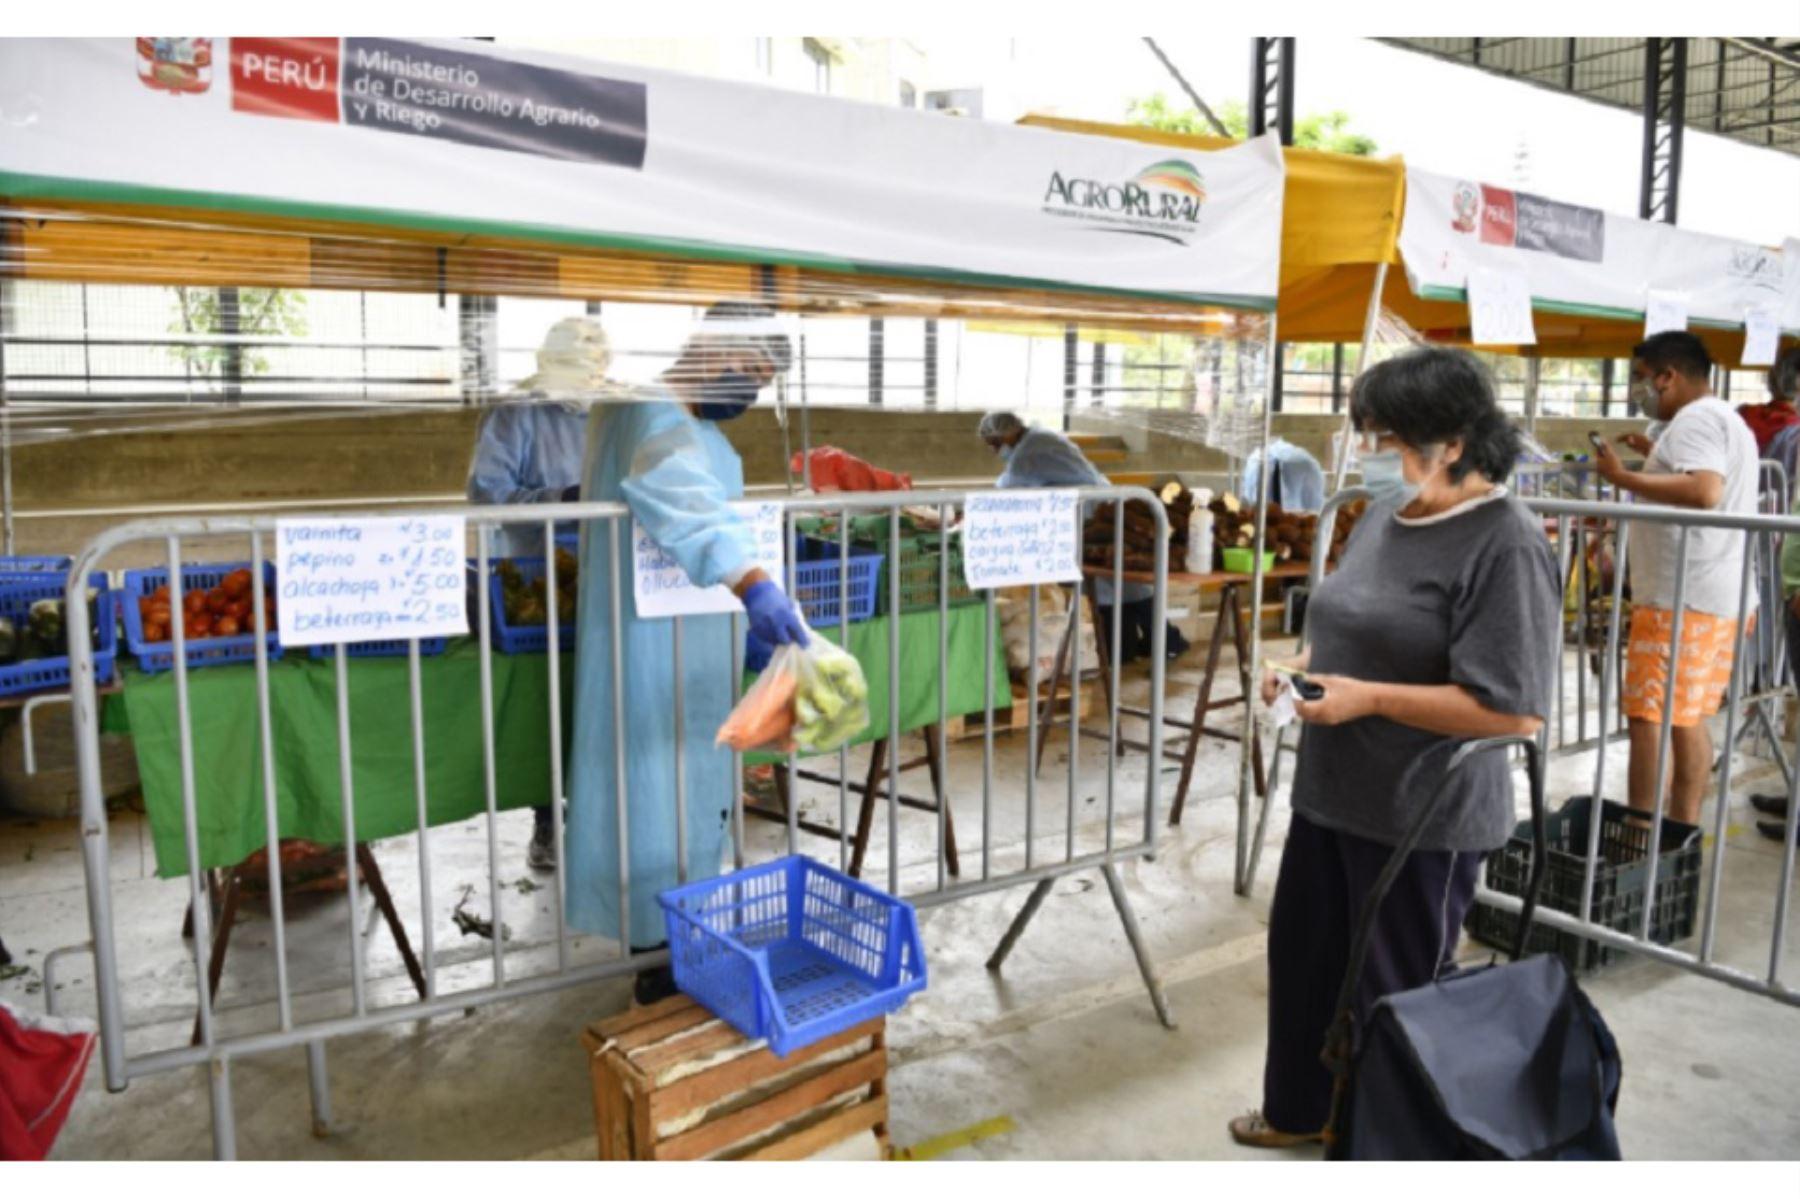 Ferias itinerantes impulsadas por Agro Rural, programa del Ministerio de Desarrollo Agrario y Riego. ANDINA/Difusión